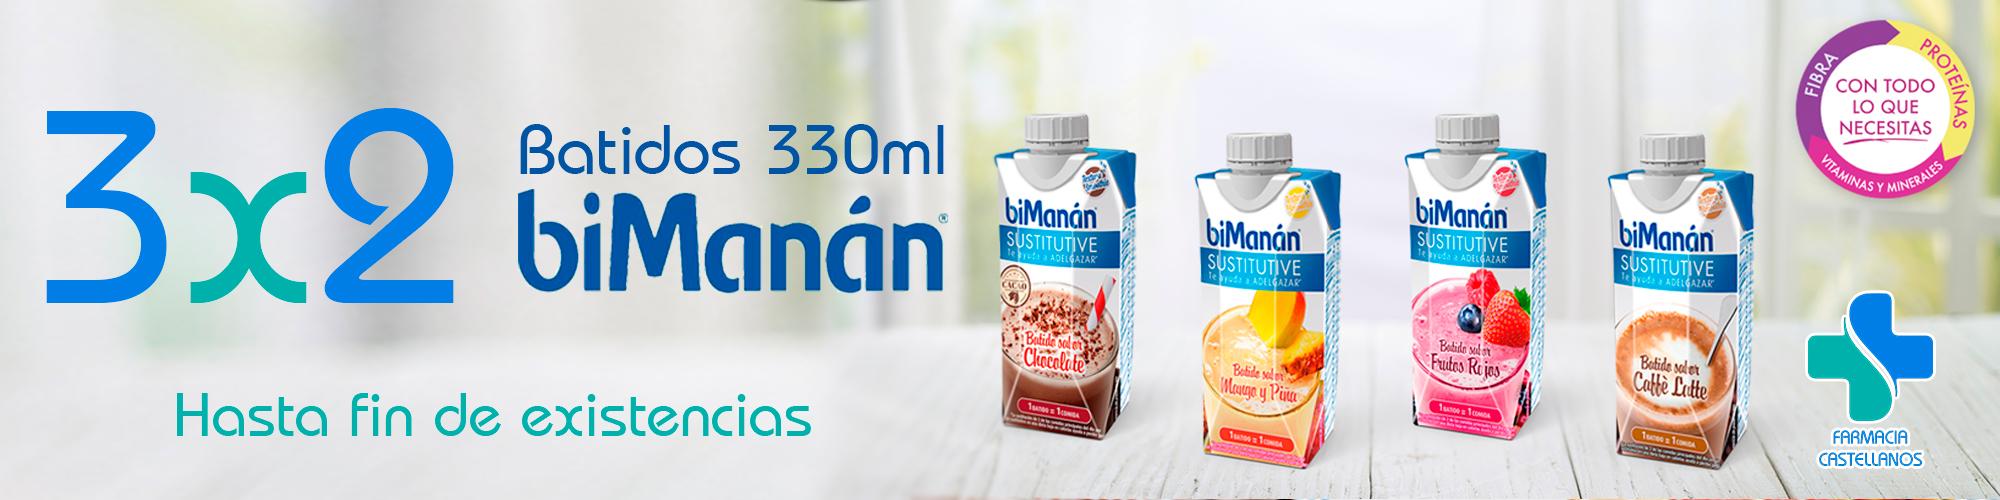 promocion-batidos-bimanan-farmaciabeatrizcastellanos